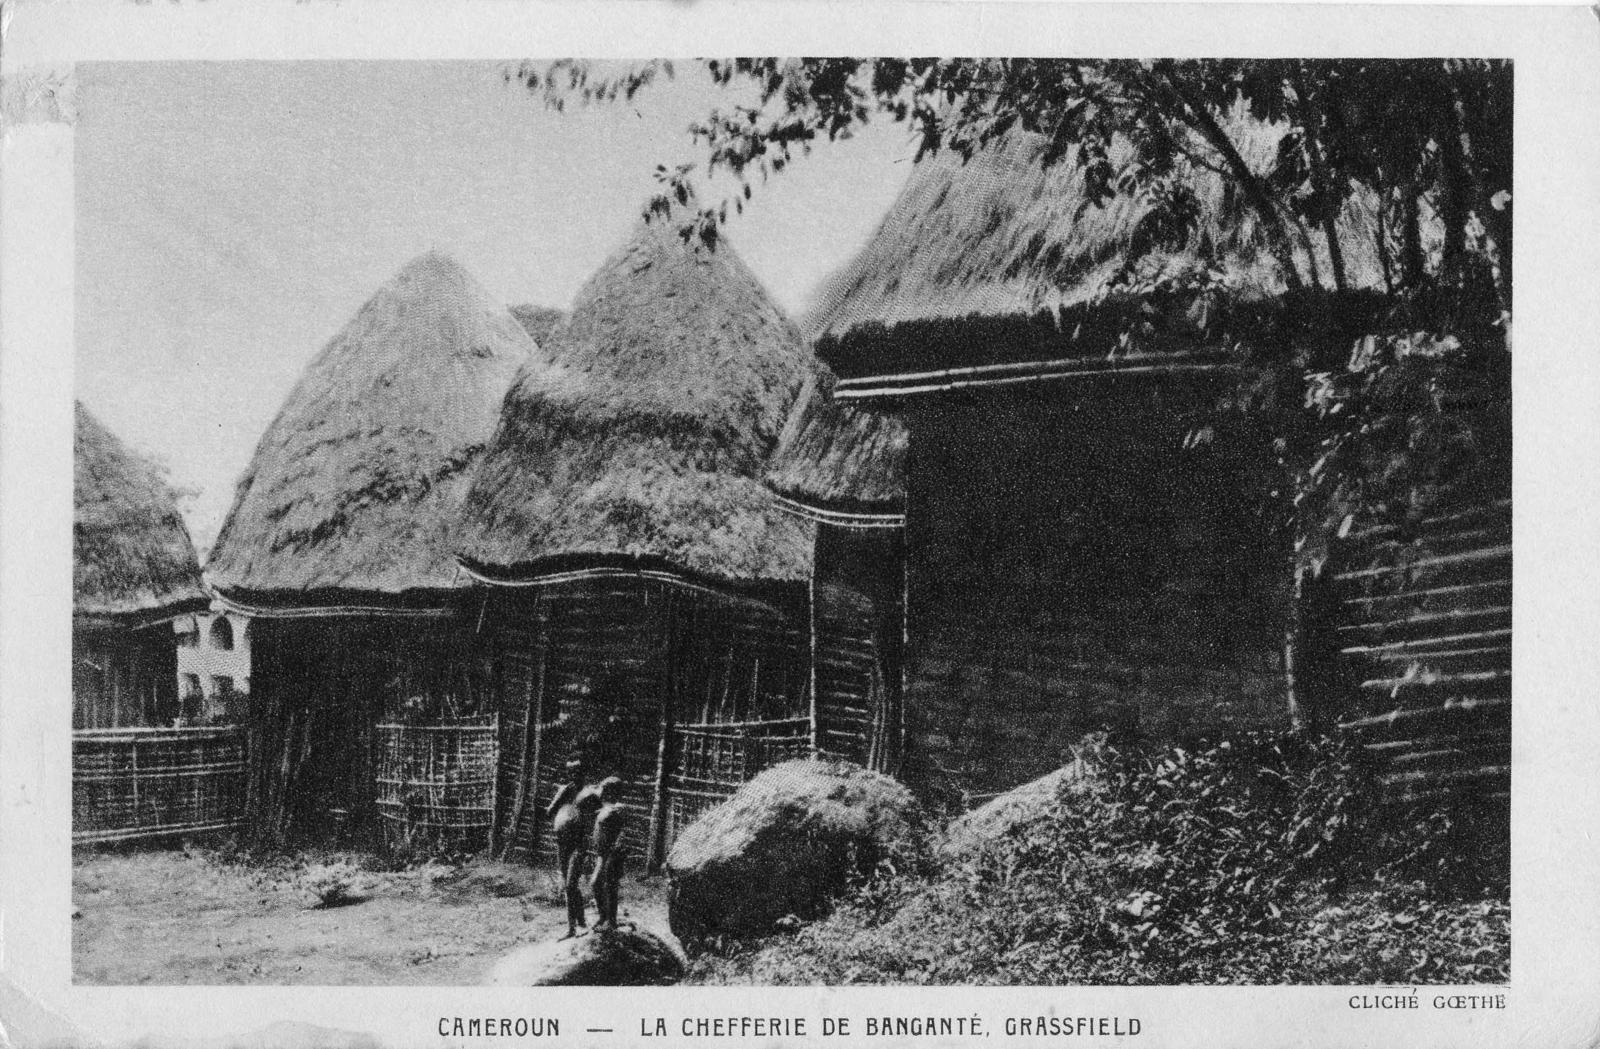 Bangangté -  La chefferie de Banganté, Grassfield.